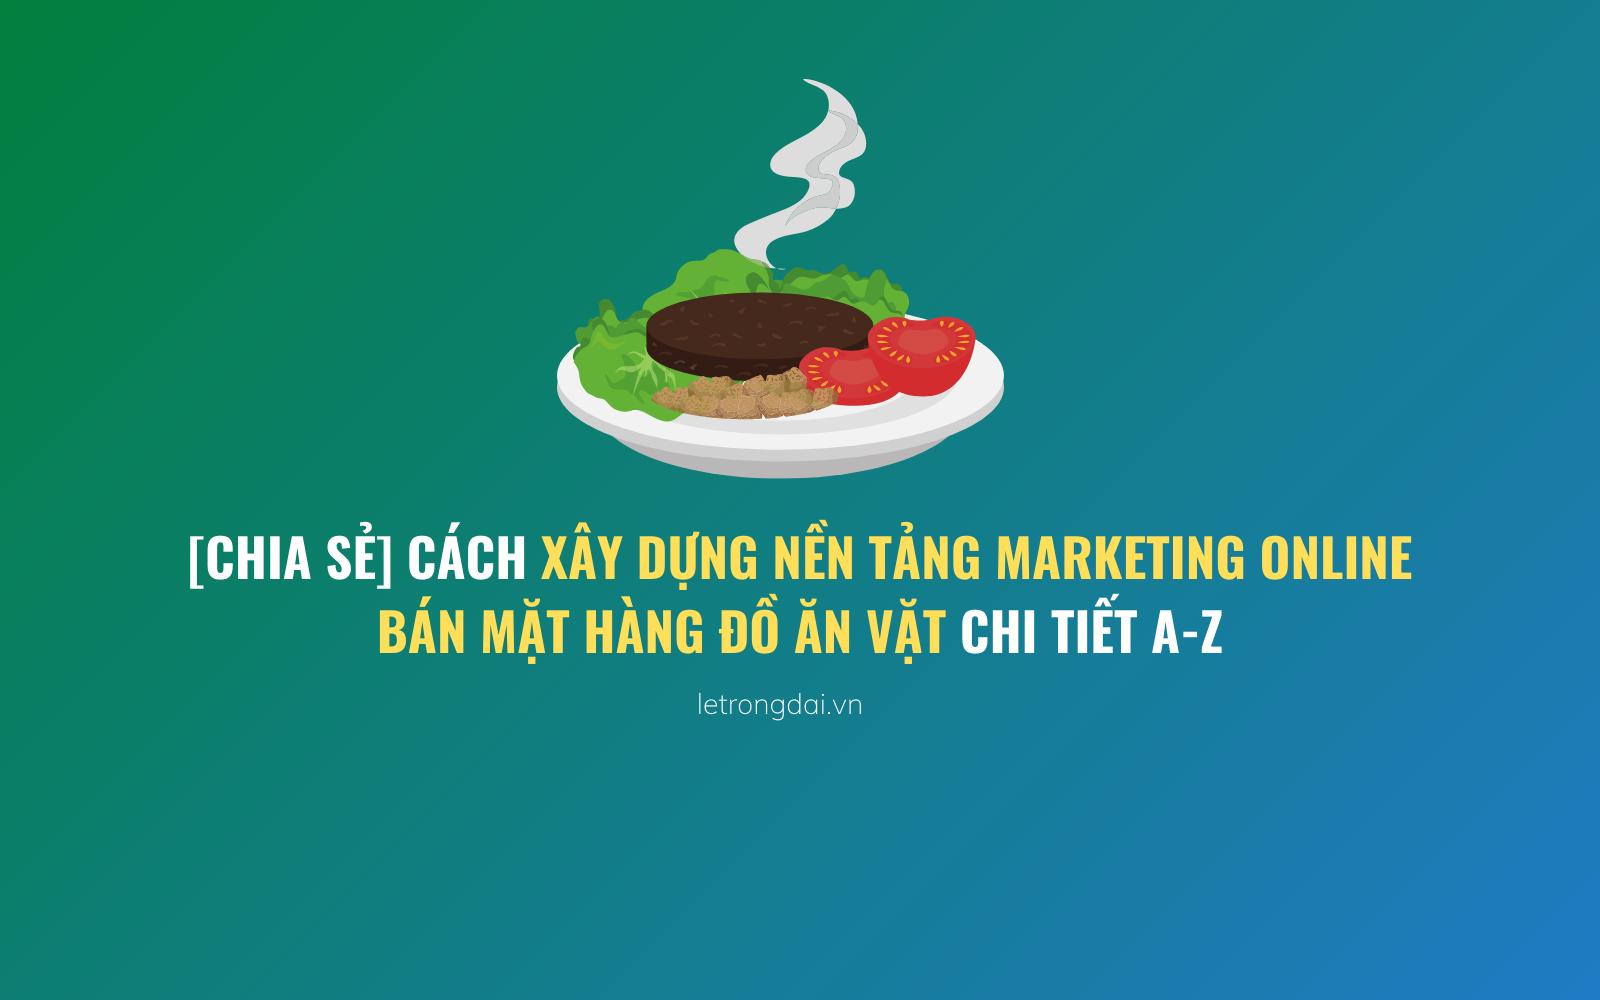 Cách Xây Dựng Nền Tảng Marketing Online Bán Mặt Hàng đồ Ăn Vặt